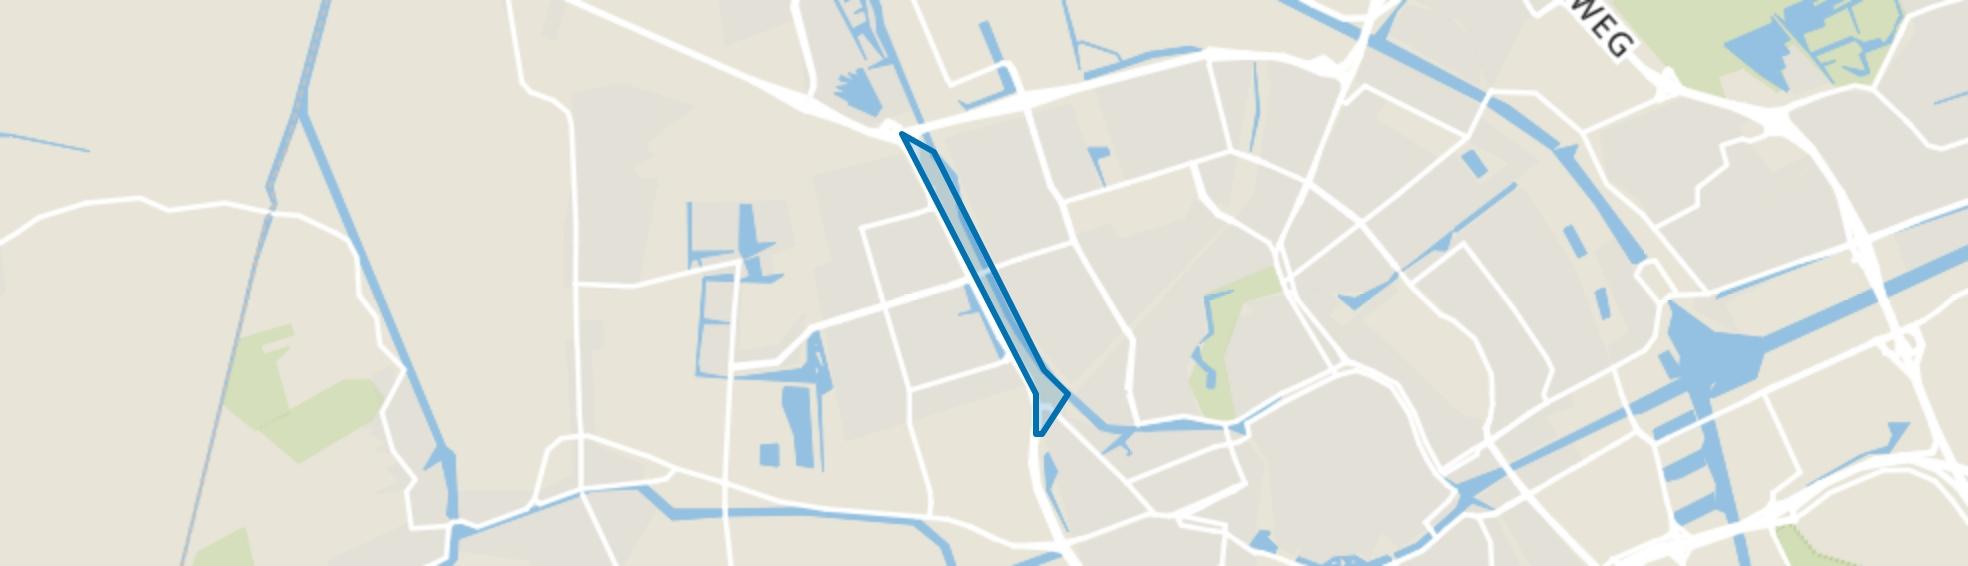 Friesestraatweg, Groningen map